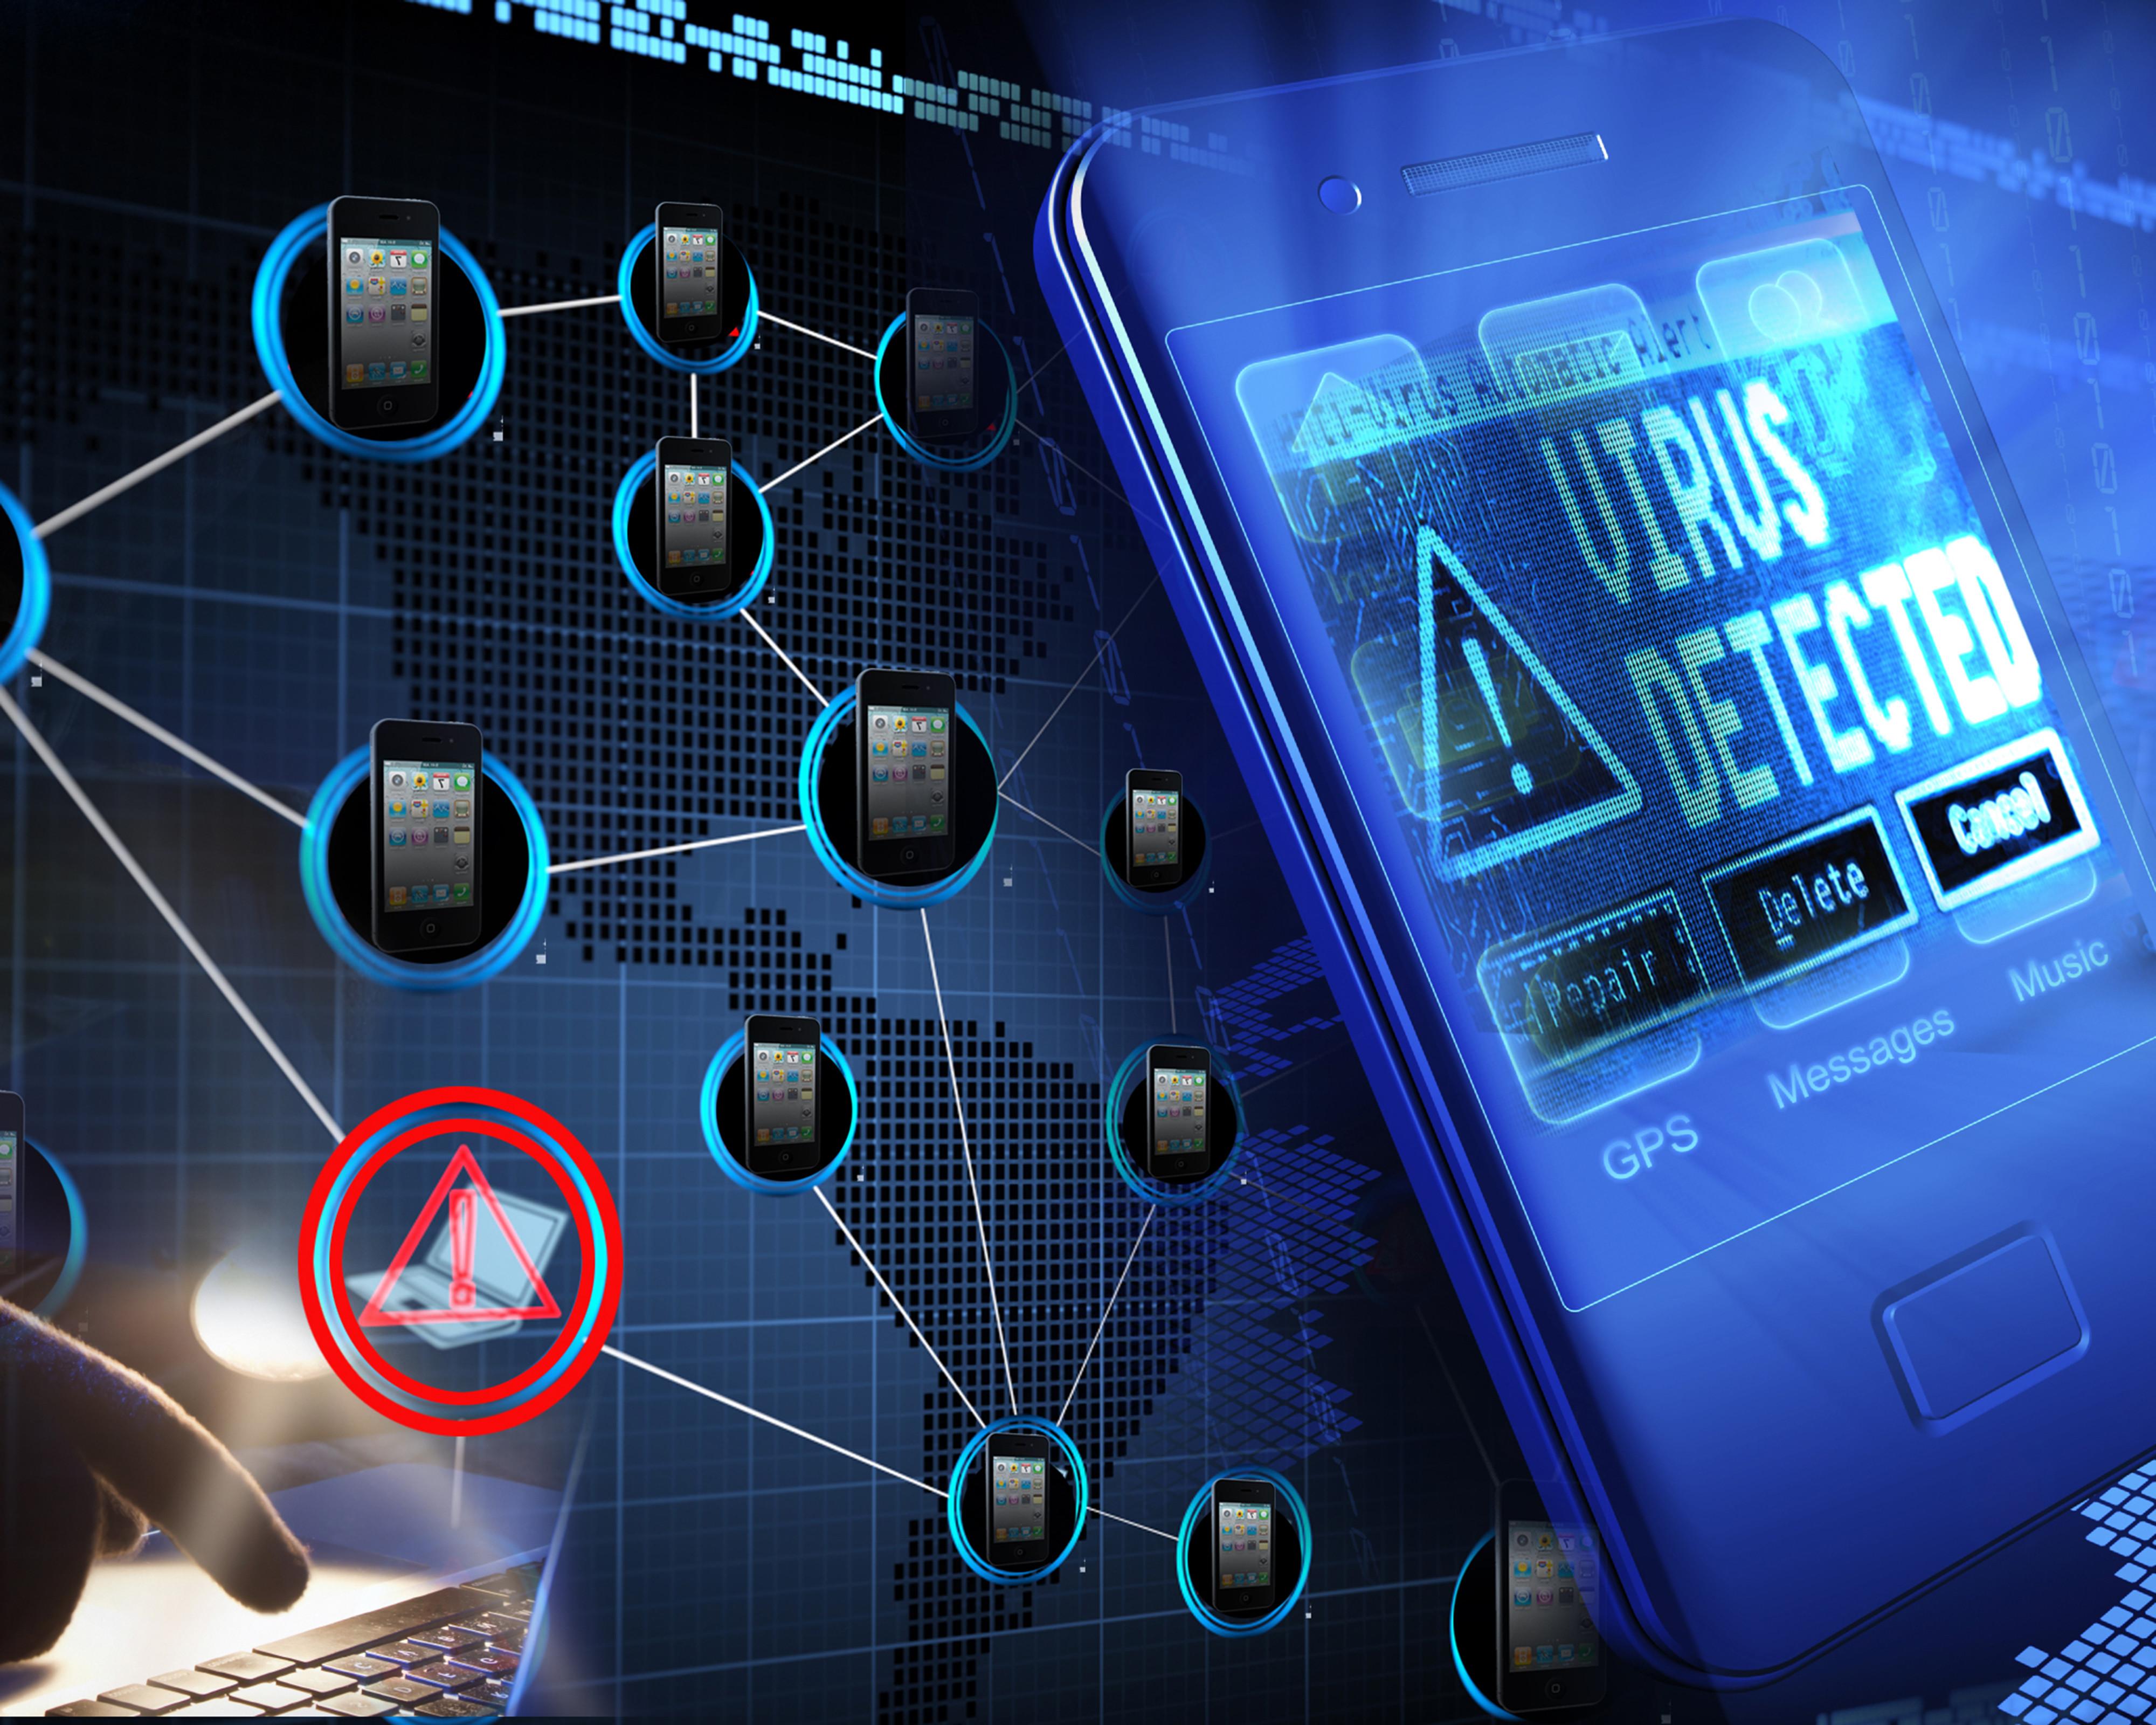 Ucraina, îngrijorată de amenințarea cibernetică rusă